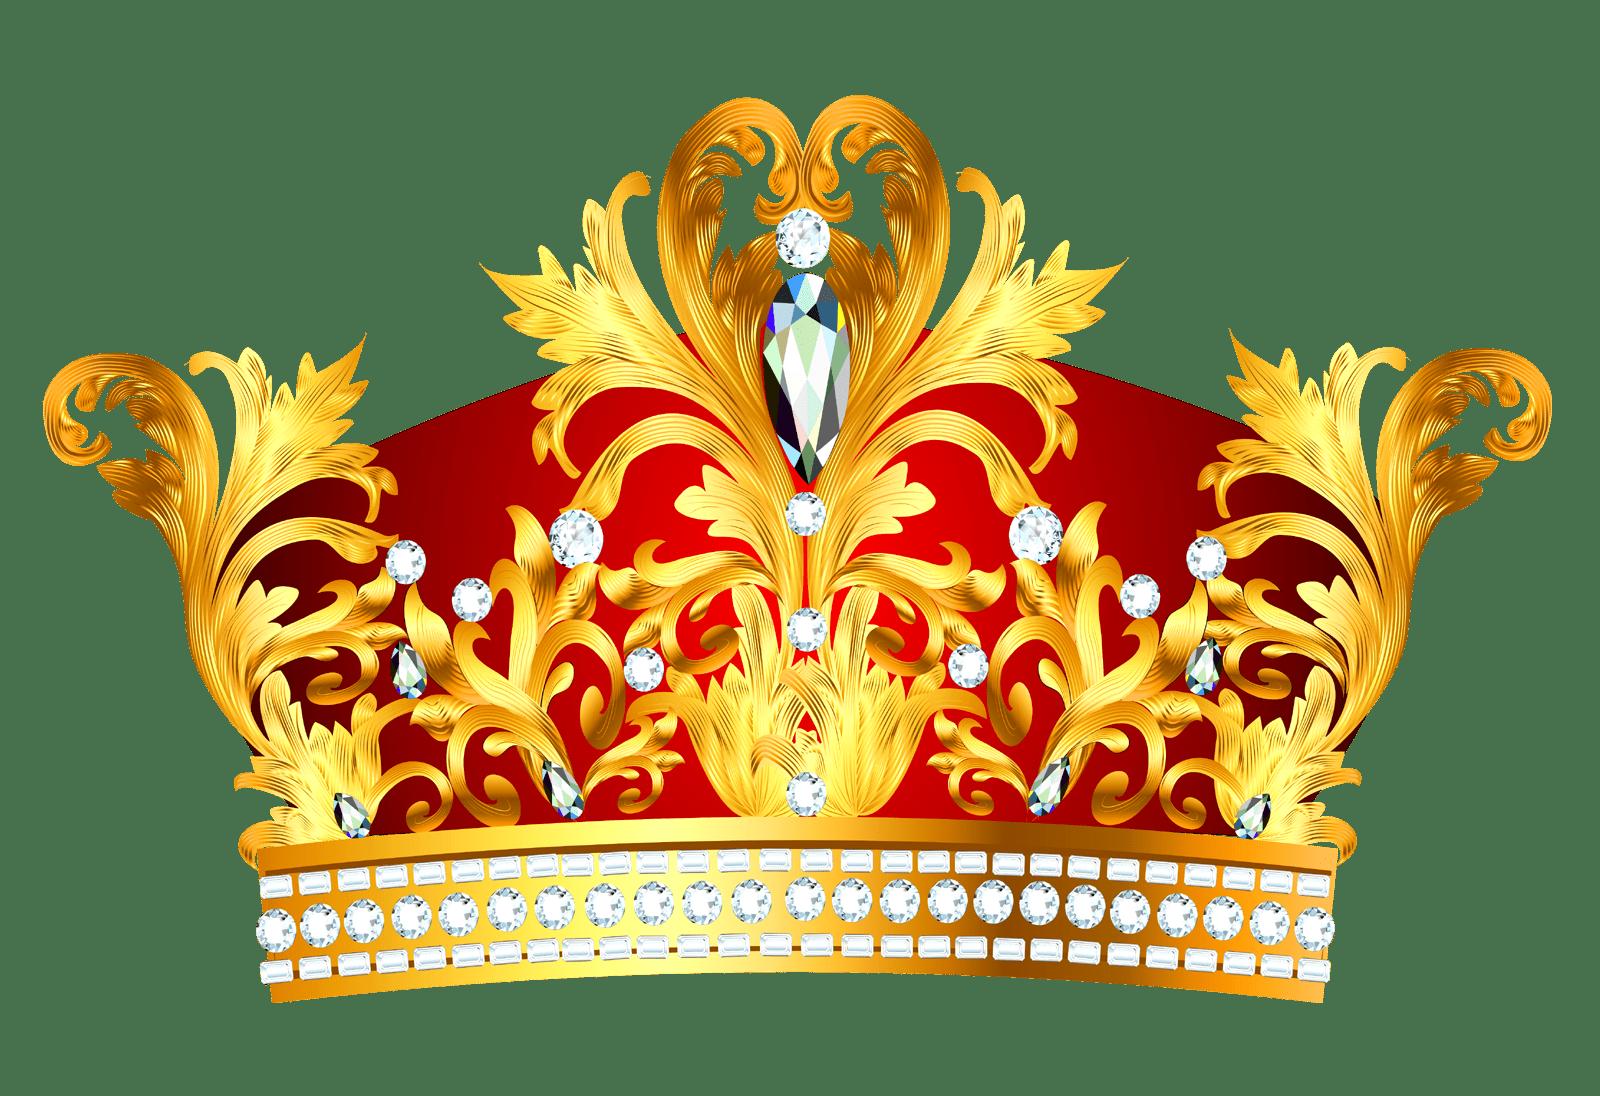 رؤية الملك في المنام للعزباء موسوعة